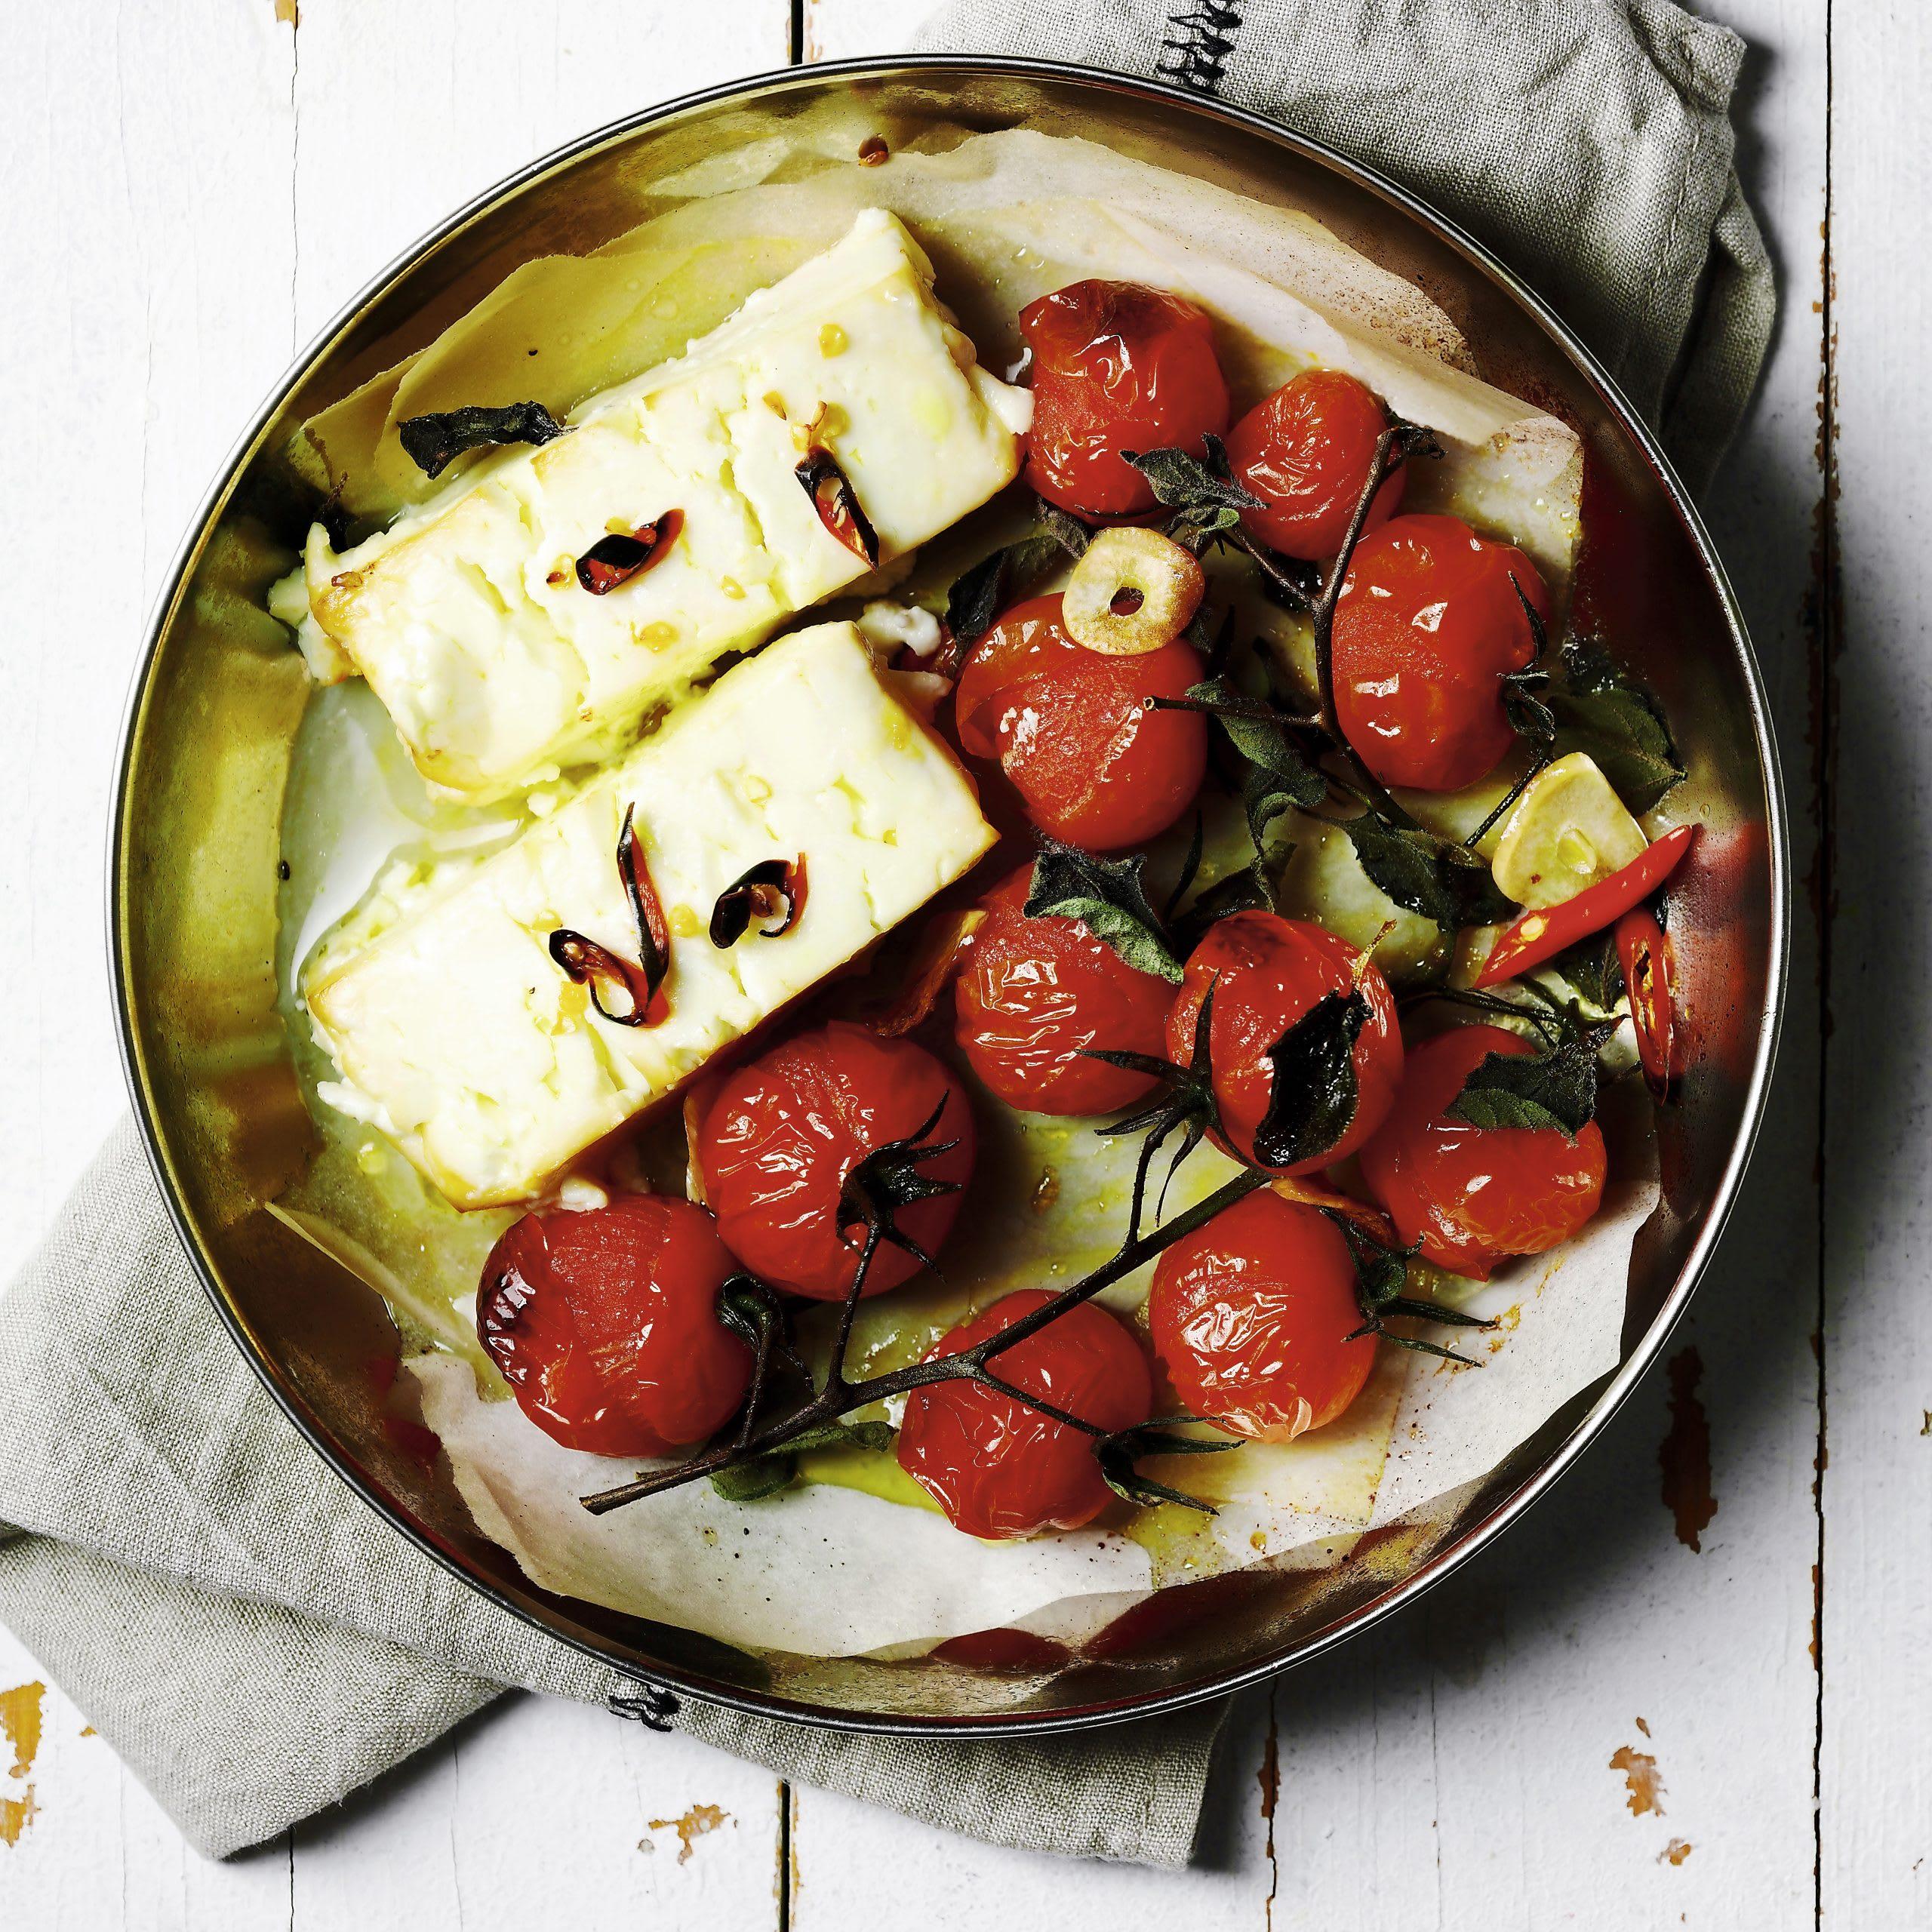 Frischkäse mit Tomaten aus dem Ofen